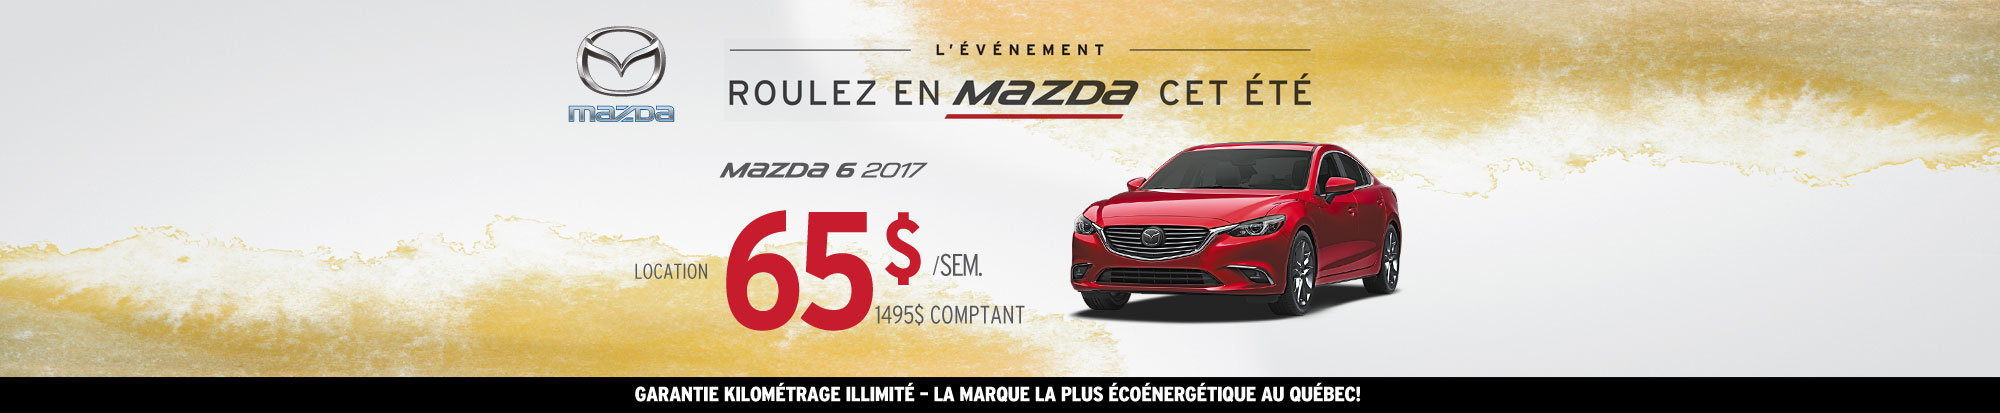 Mazda6 2017 web